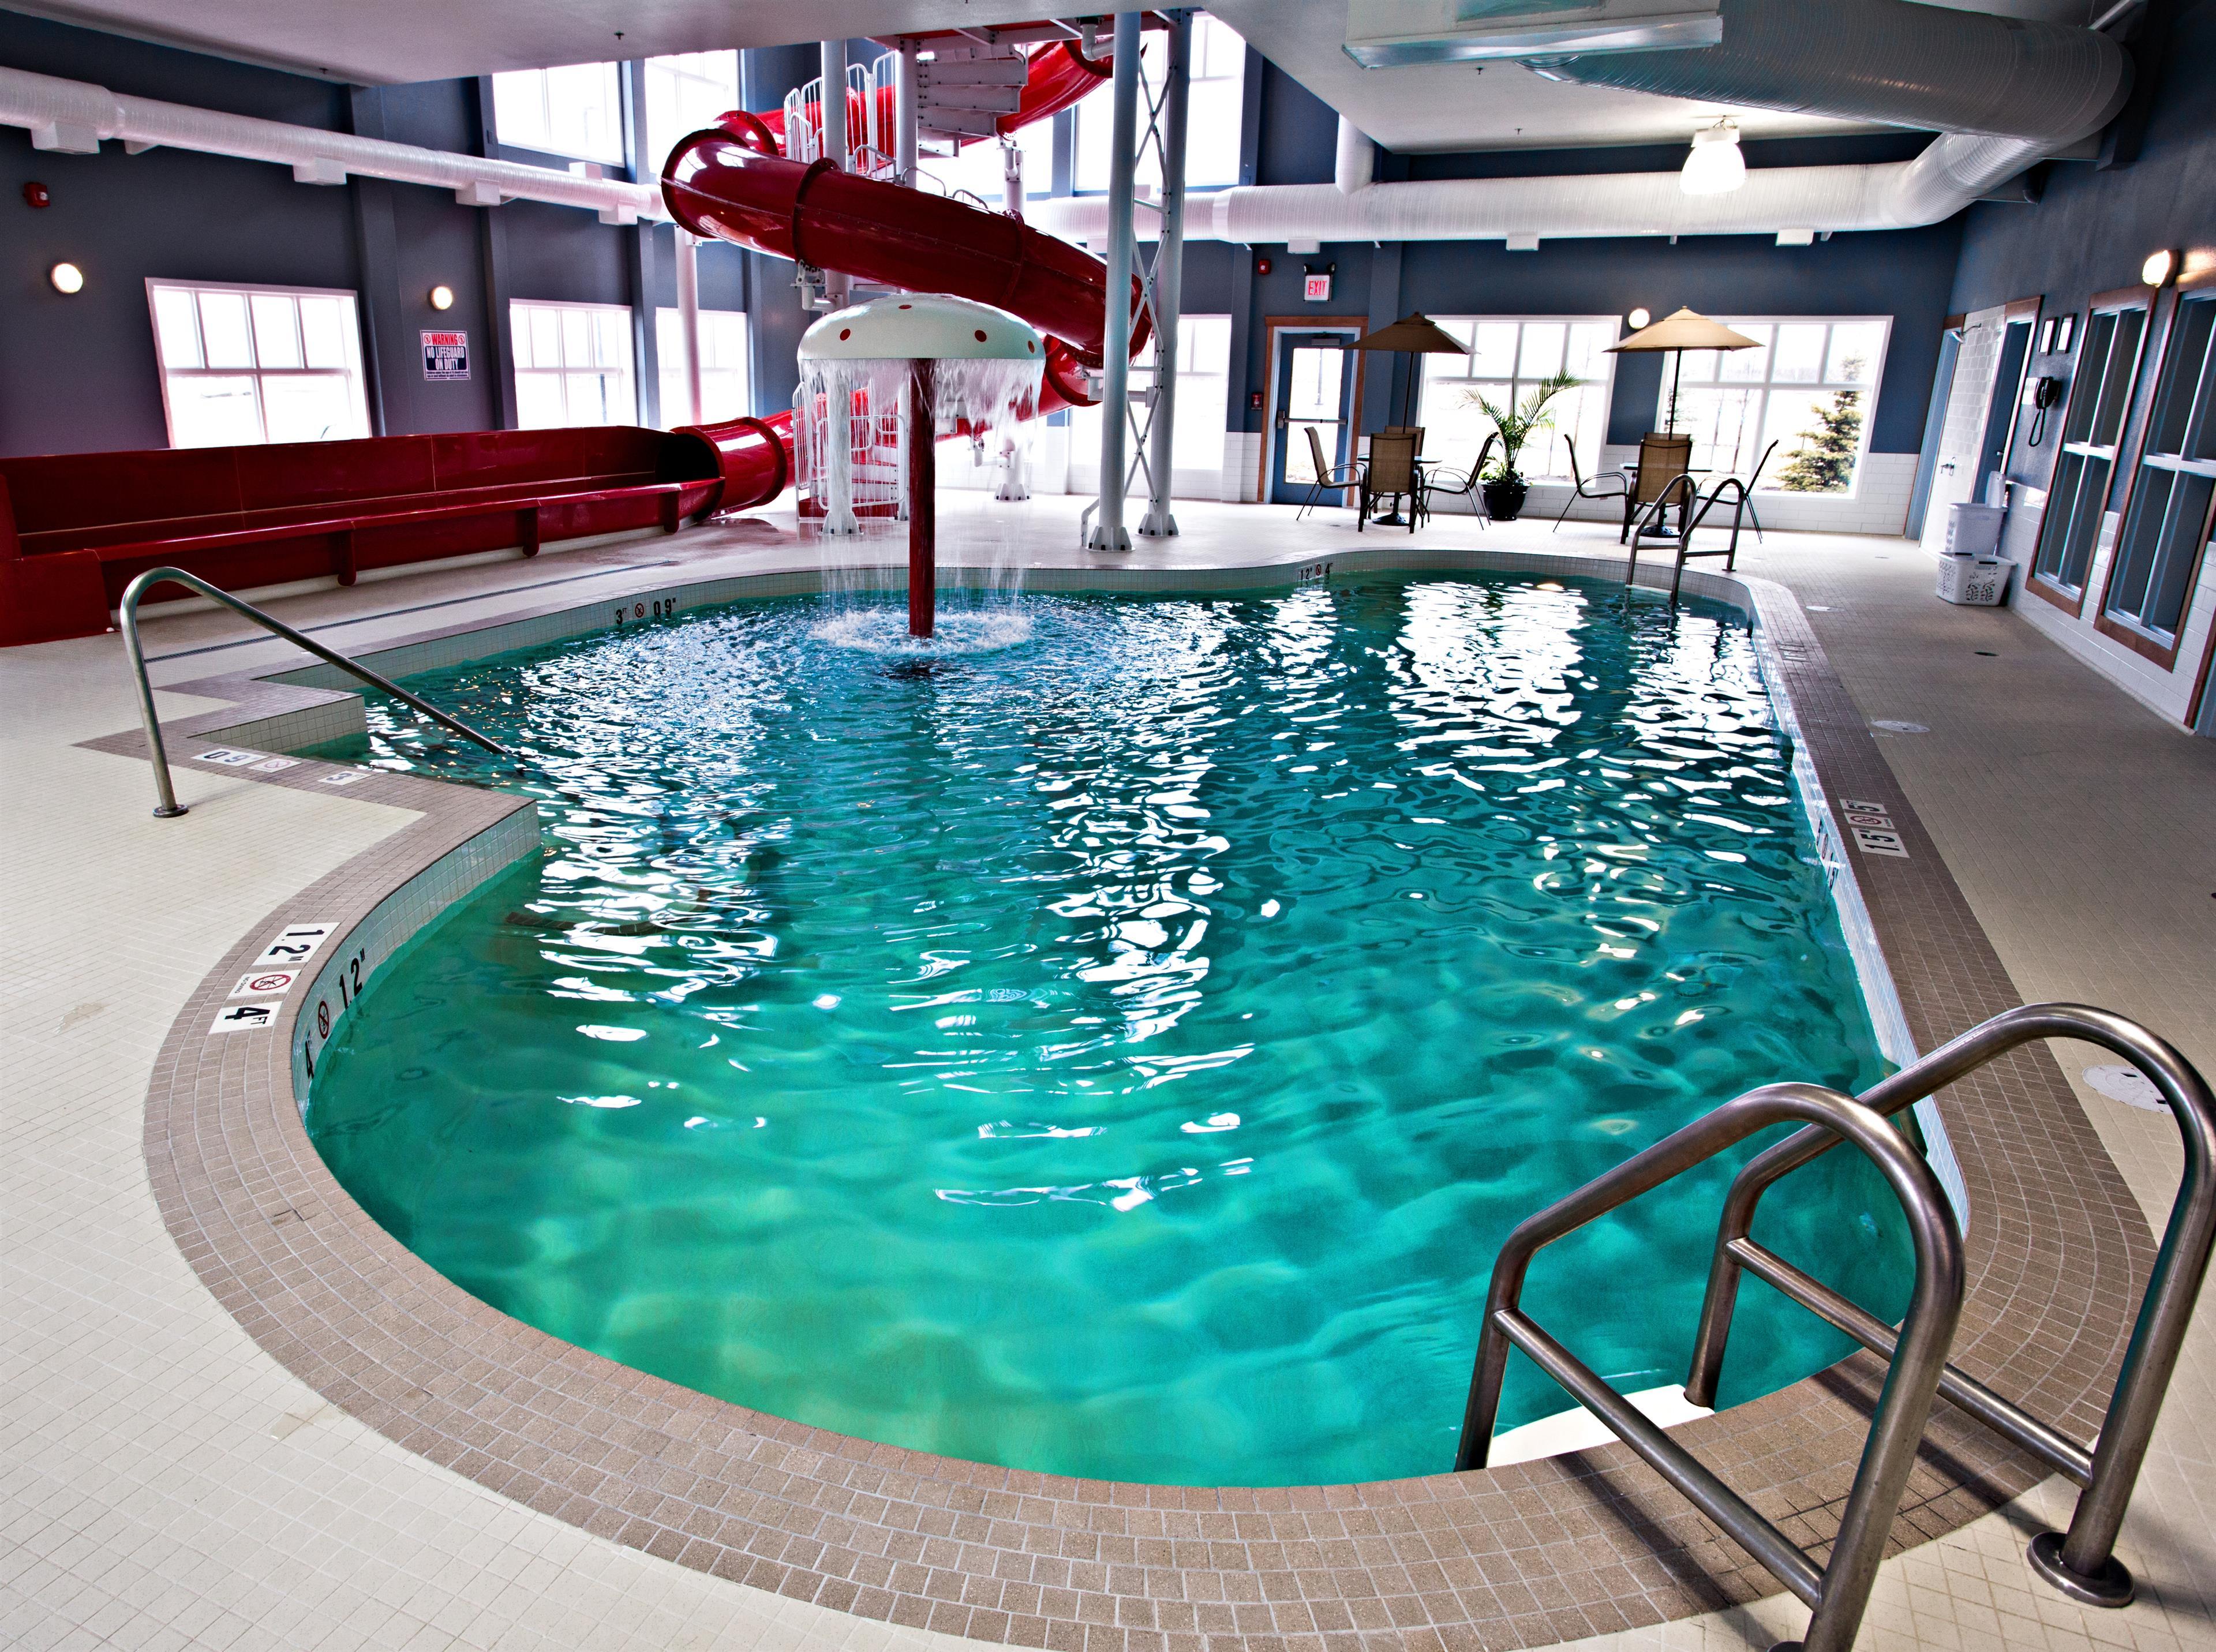 Camrose resort and casino bond casino girl new royale